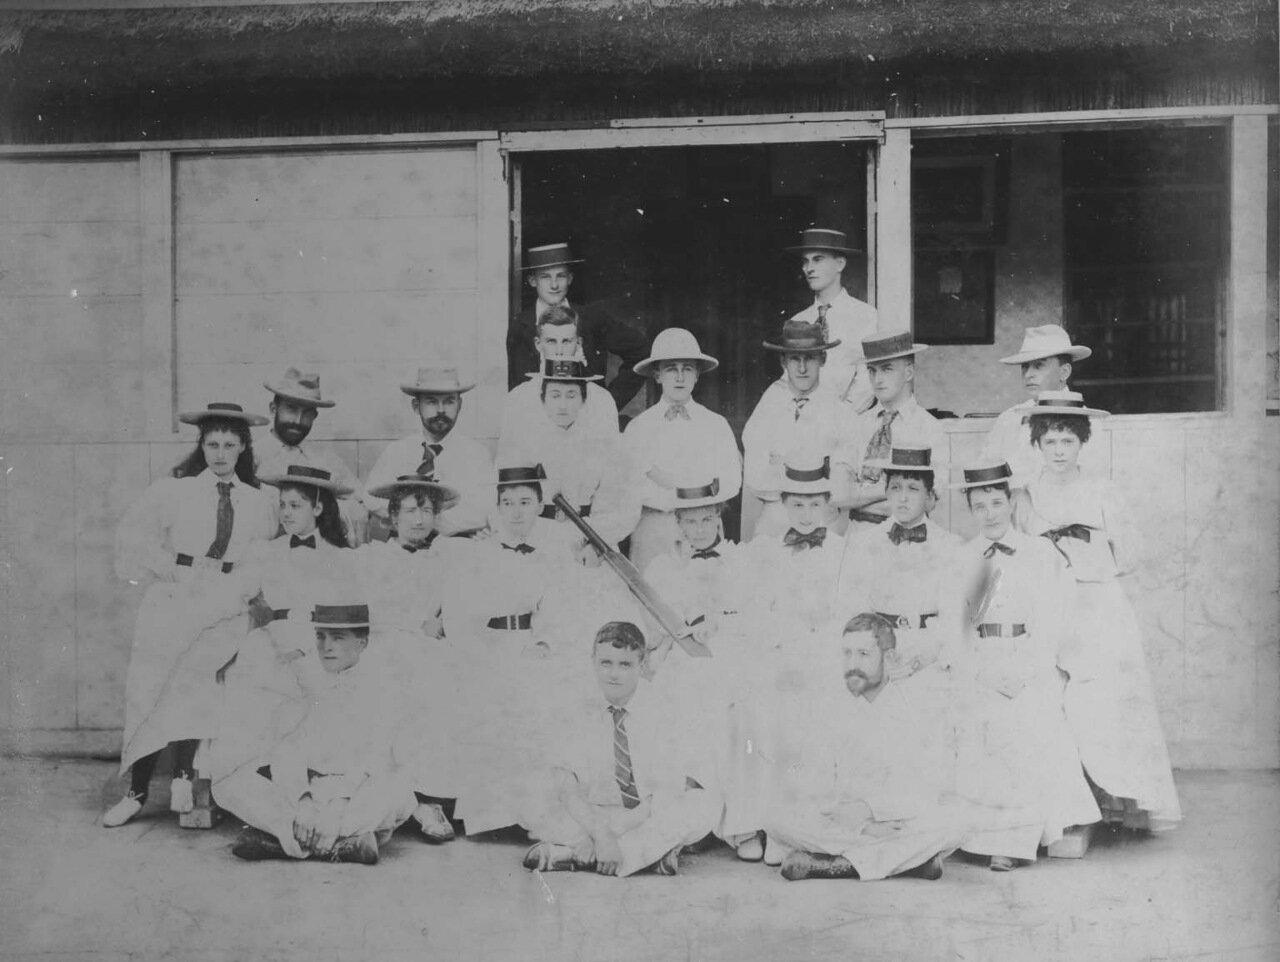 1880. Матч по крикету между дамами из Кобе и офицерами с Нарцисса.